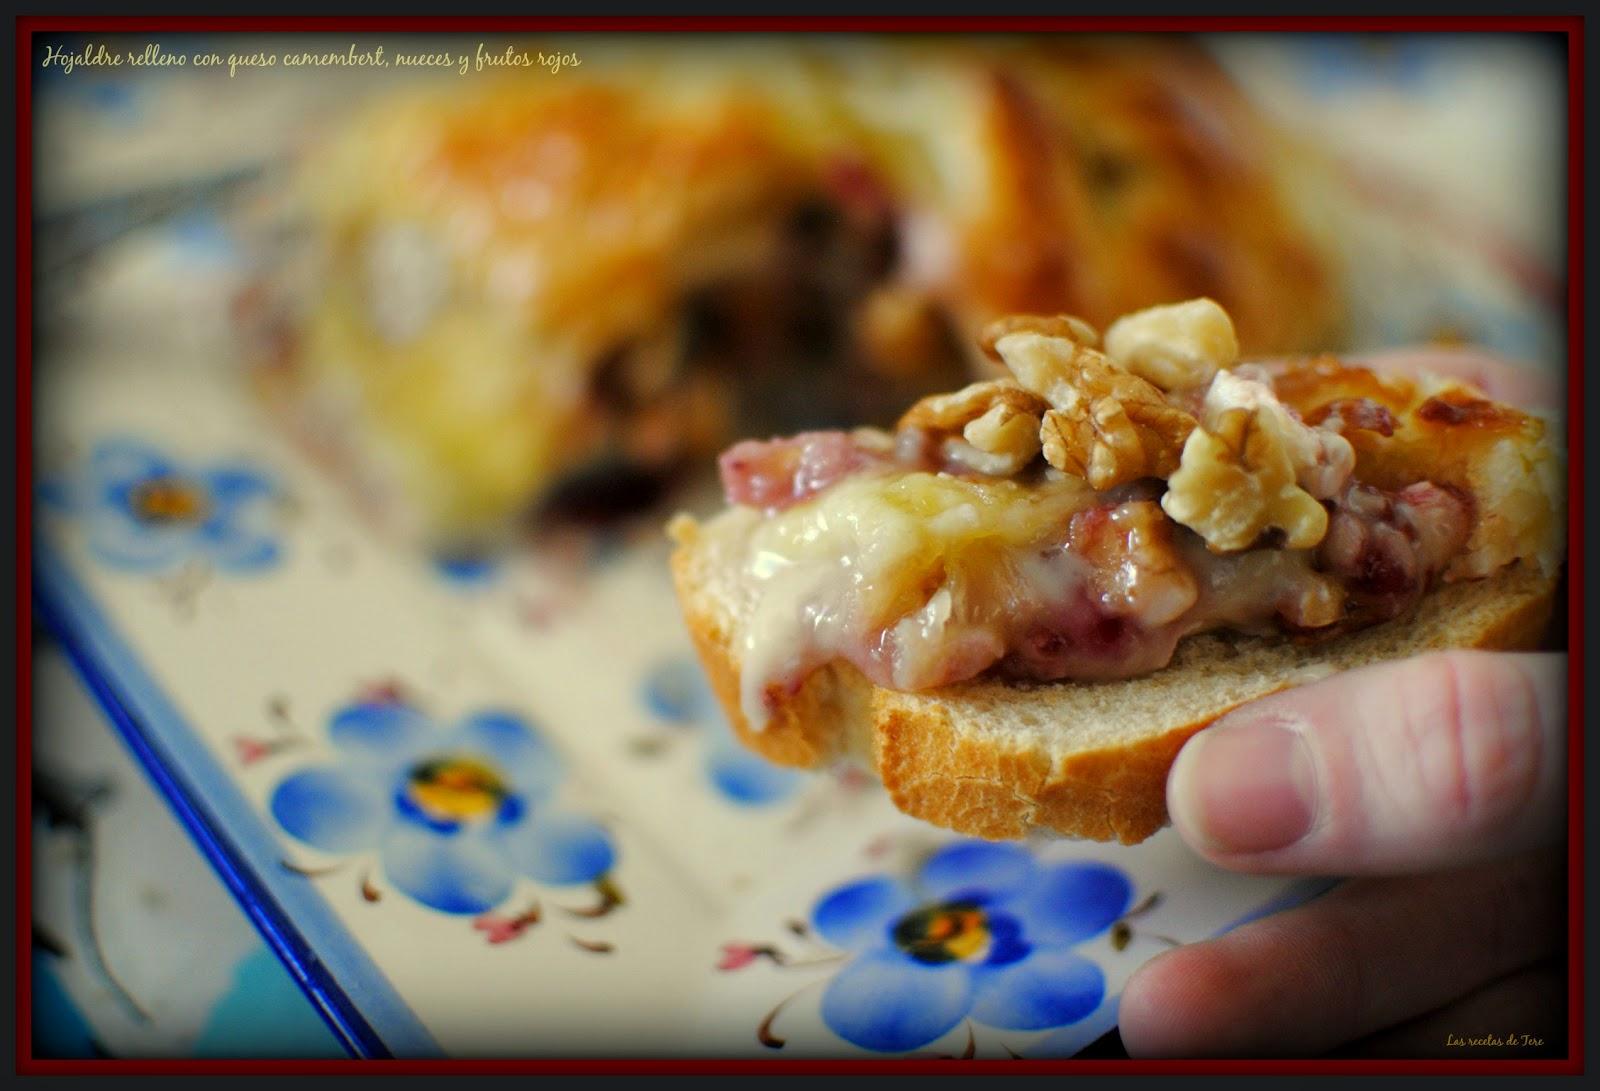 Hojaldre relleno con queso camembert  nueces y frutos rojos  tererecetas 05